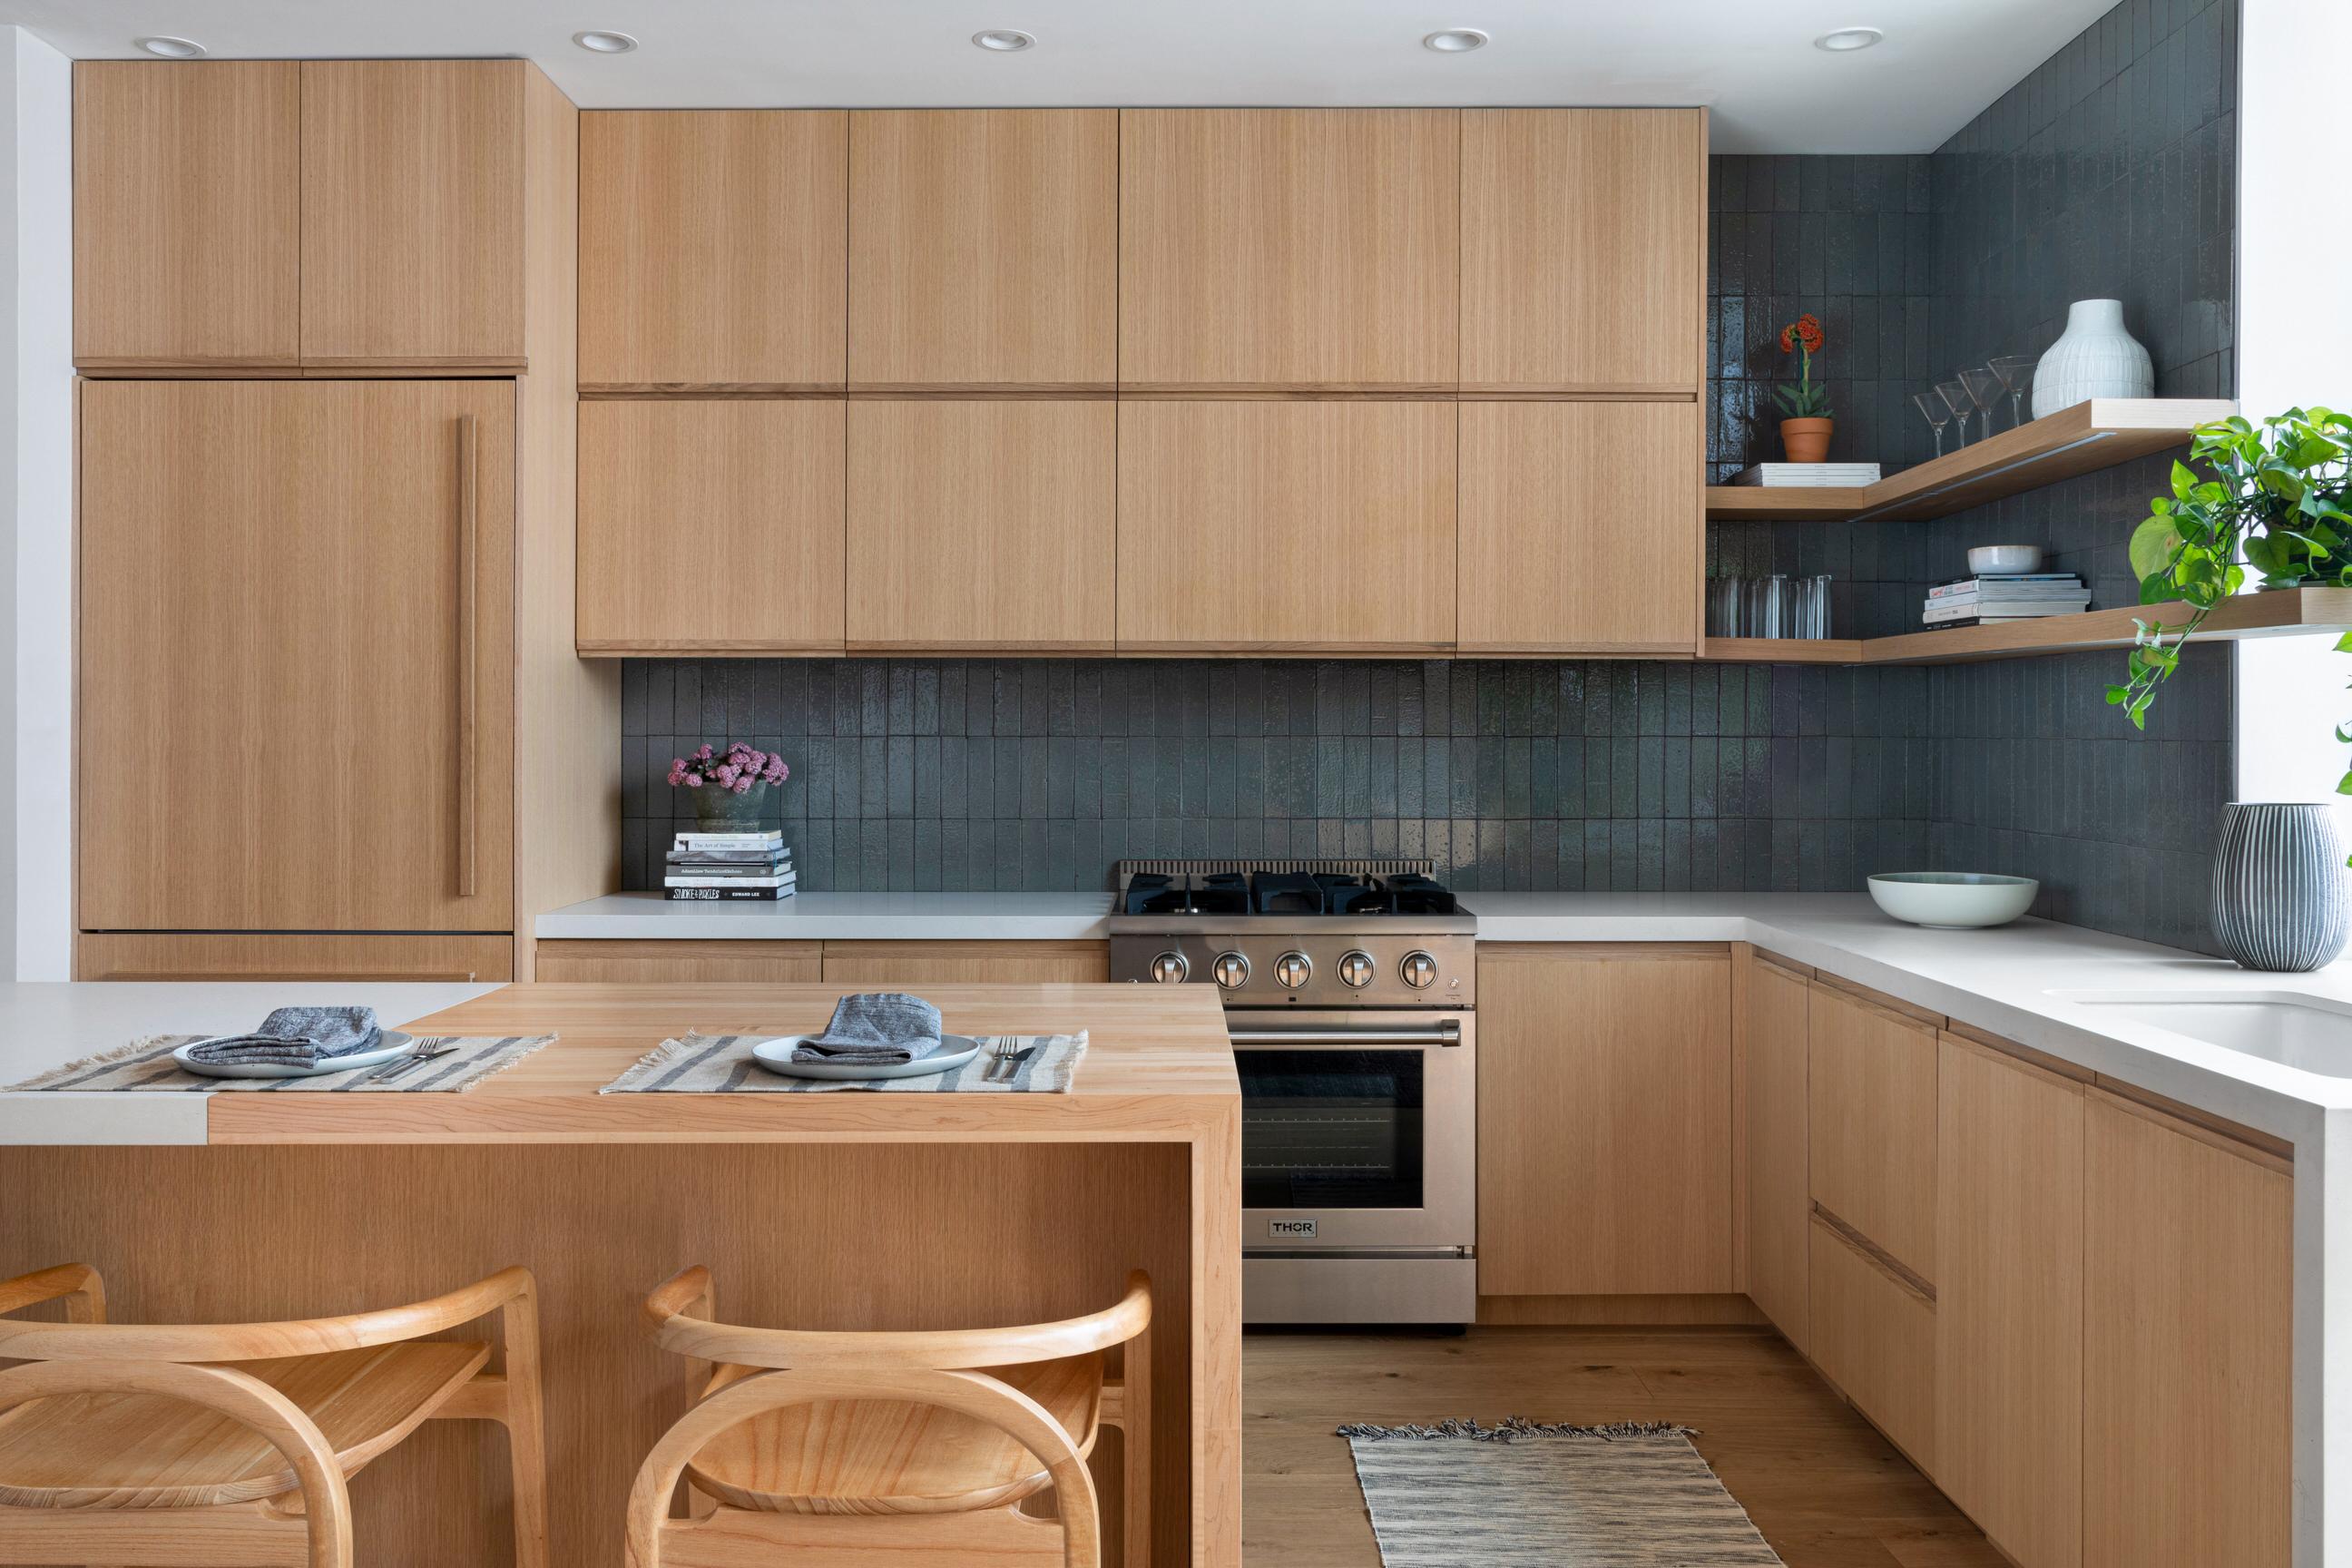 Brooklyn kitchen renovation Stewart Schafer interior design